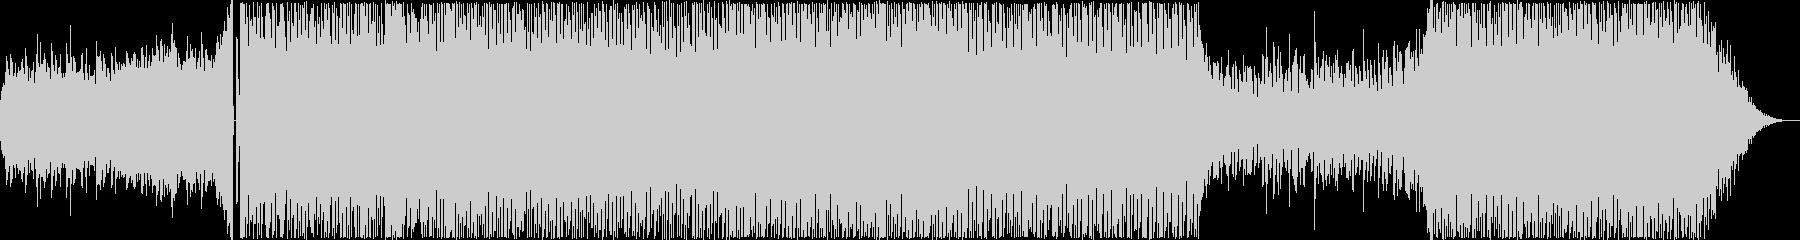 クールなテクノポップの未再生の波形